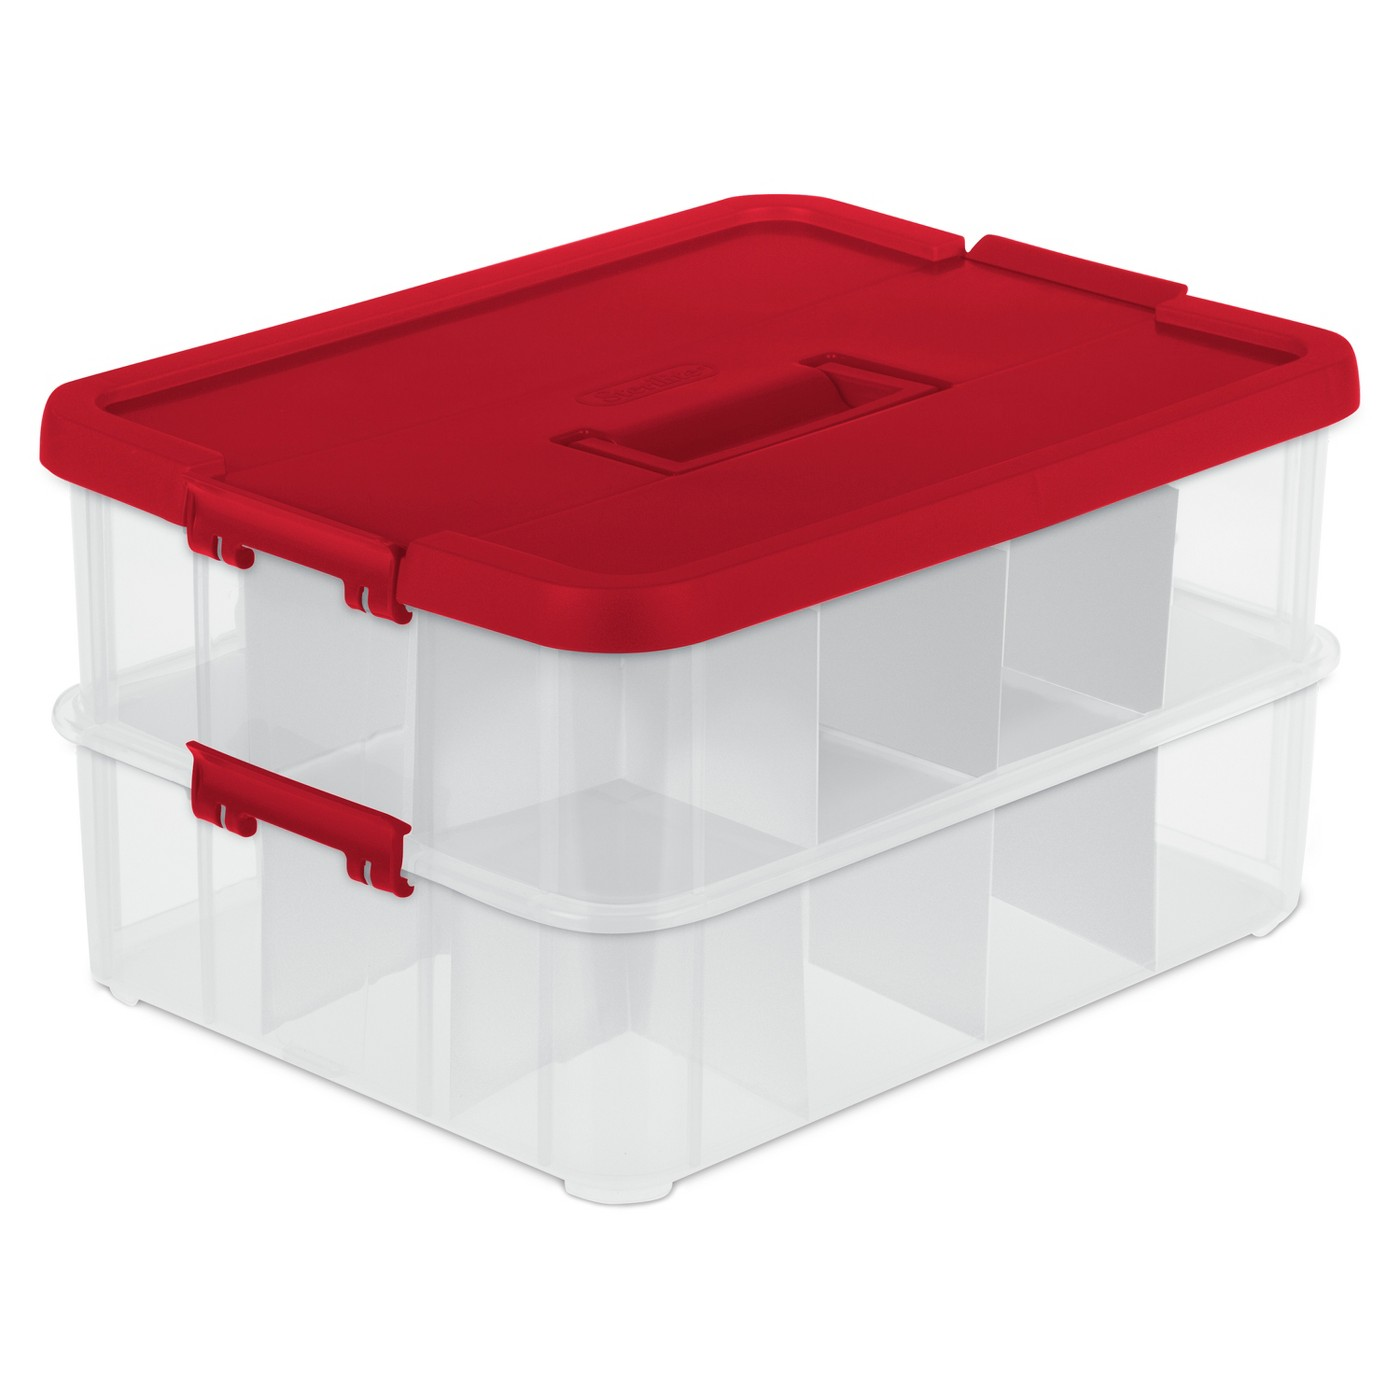 Sterilite Stack & Carry Ornament Box